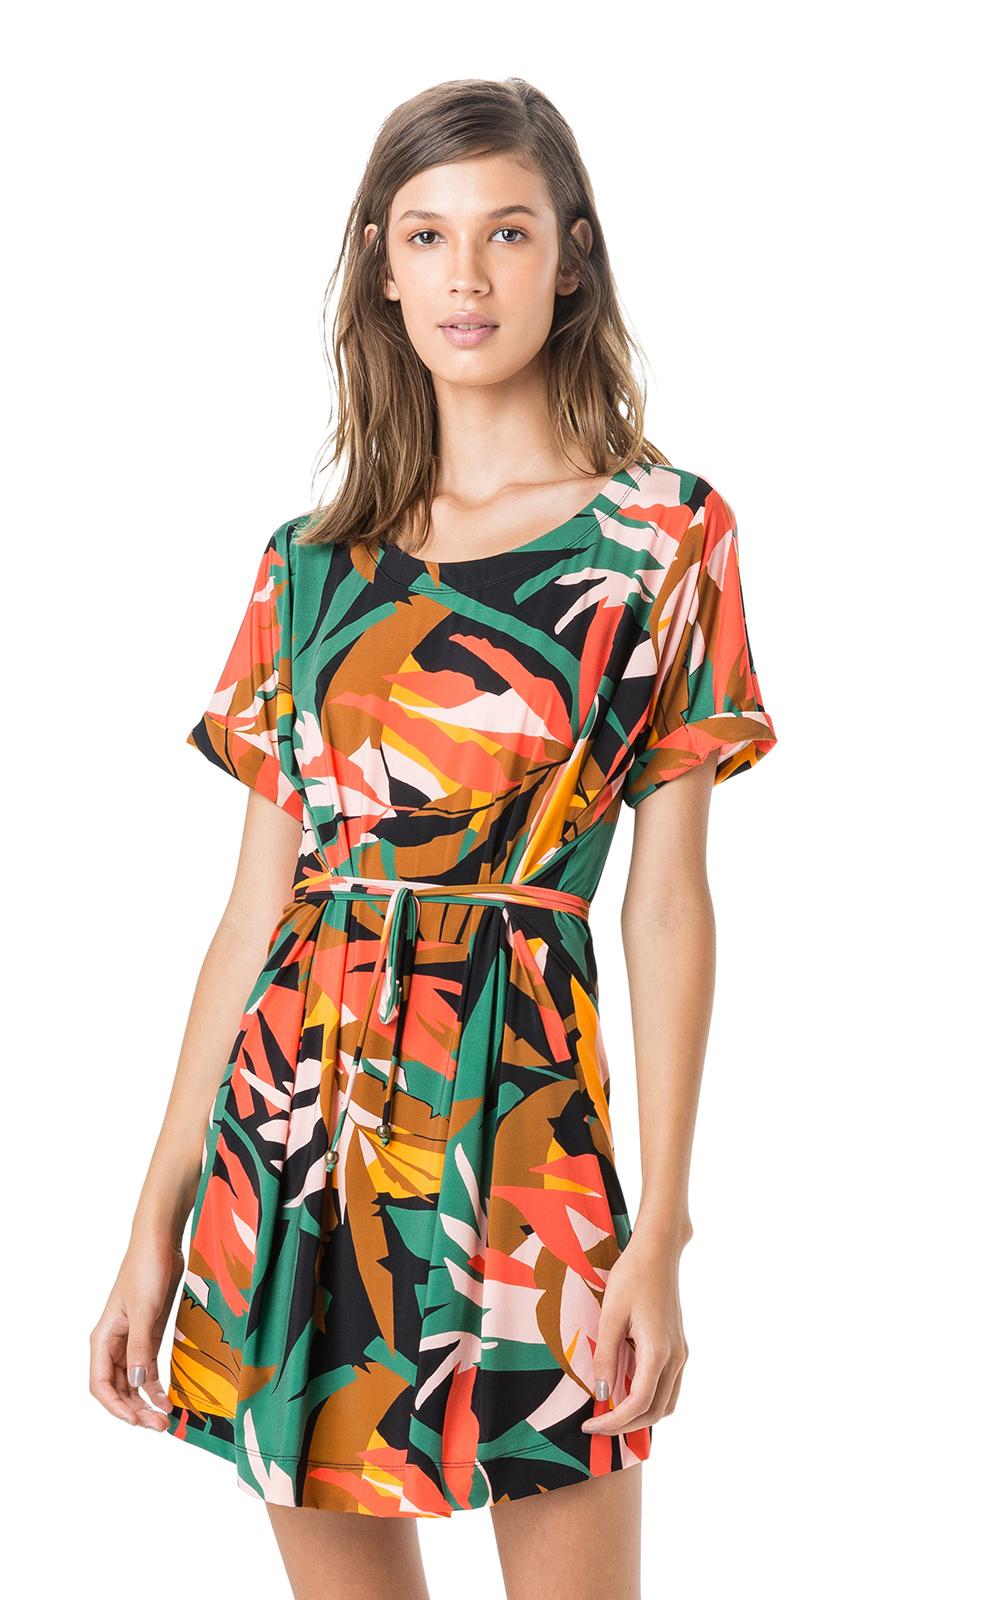 a3de074b82 Kolorowa Letnia Sukienka Z Krótkim Rękawem - Kaftan Ajuste RolotĘ ...